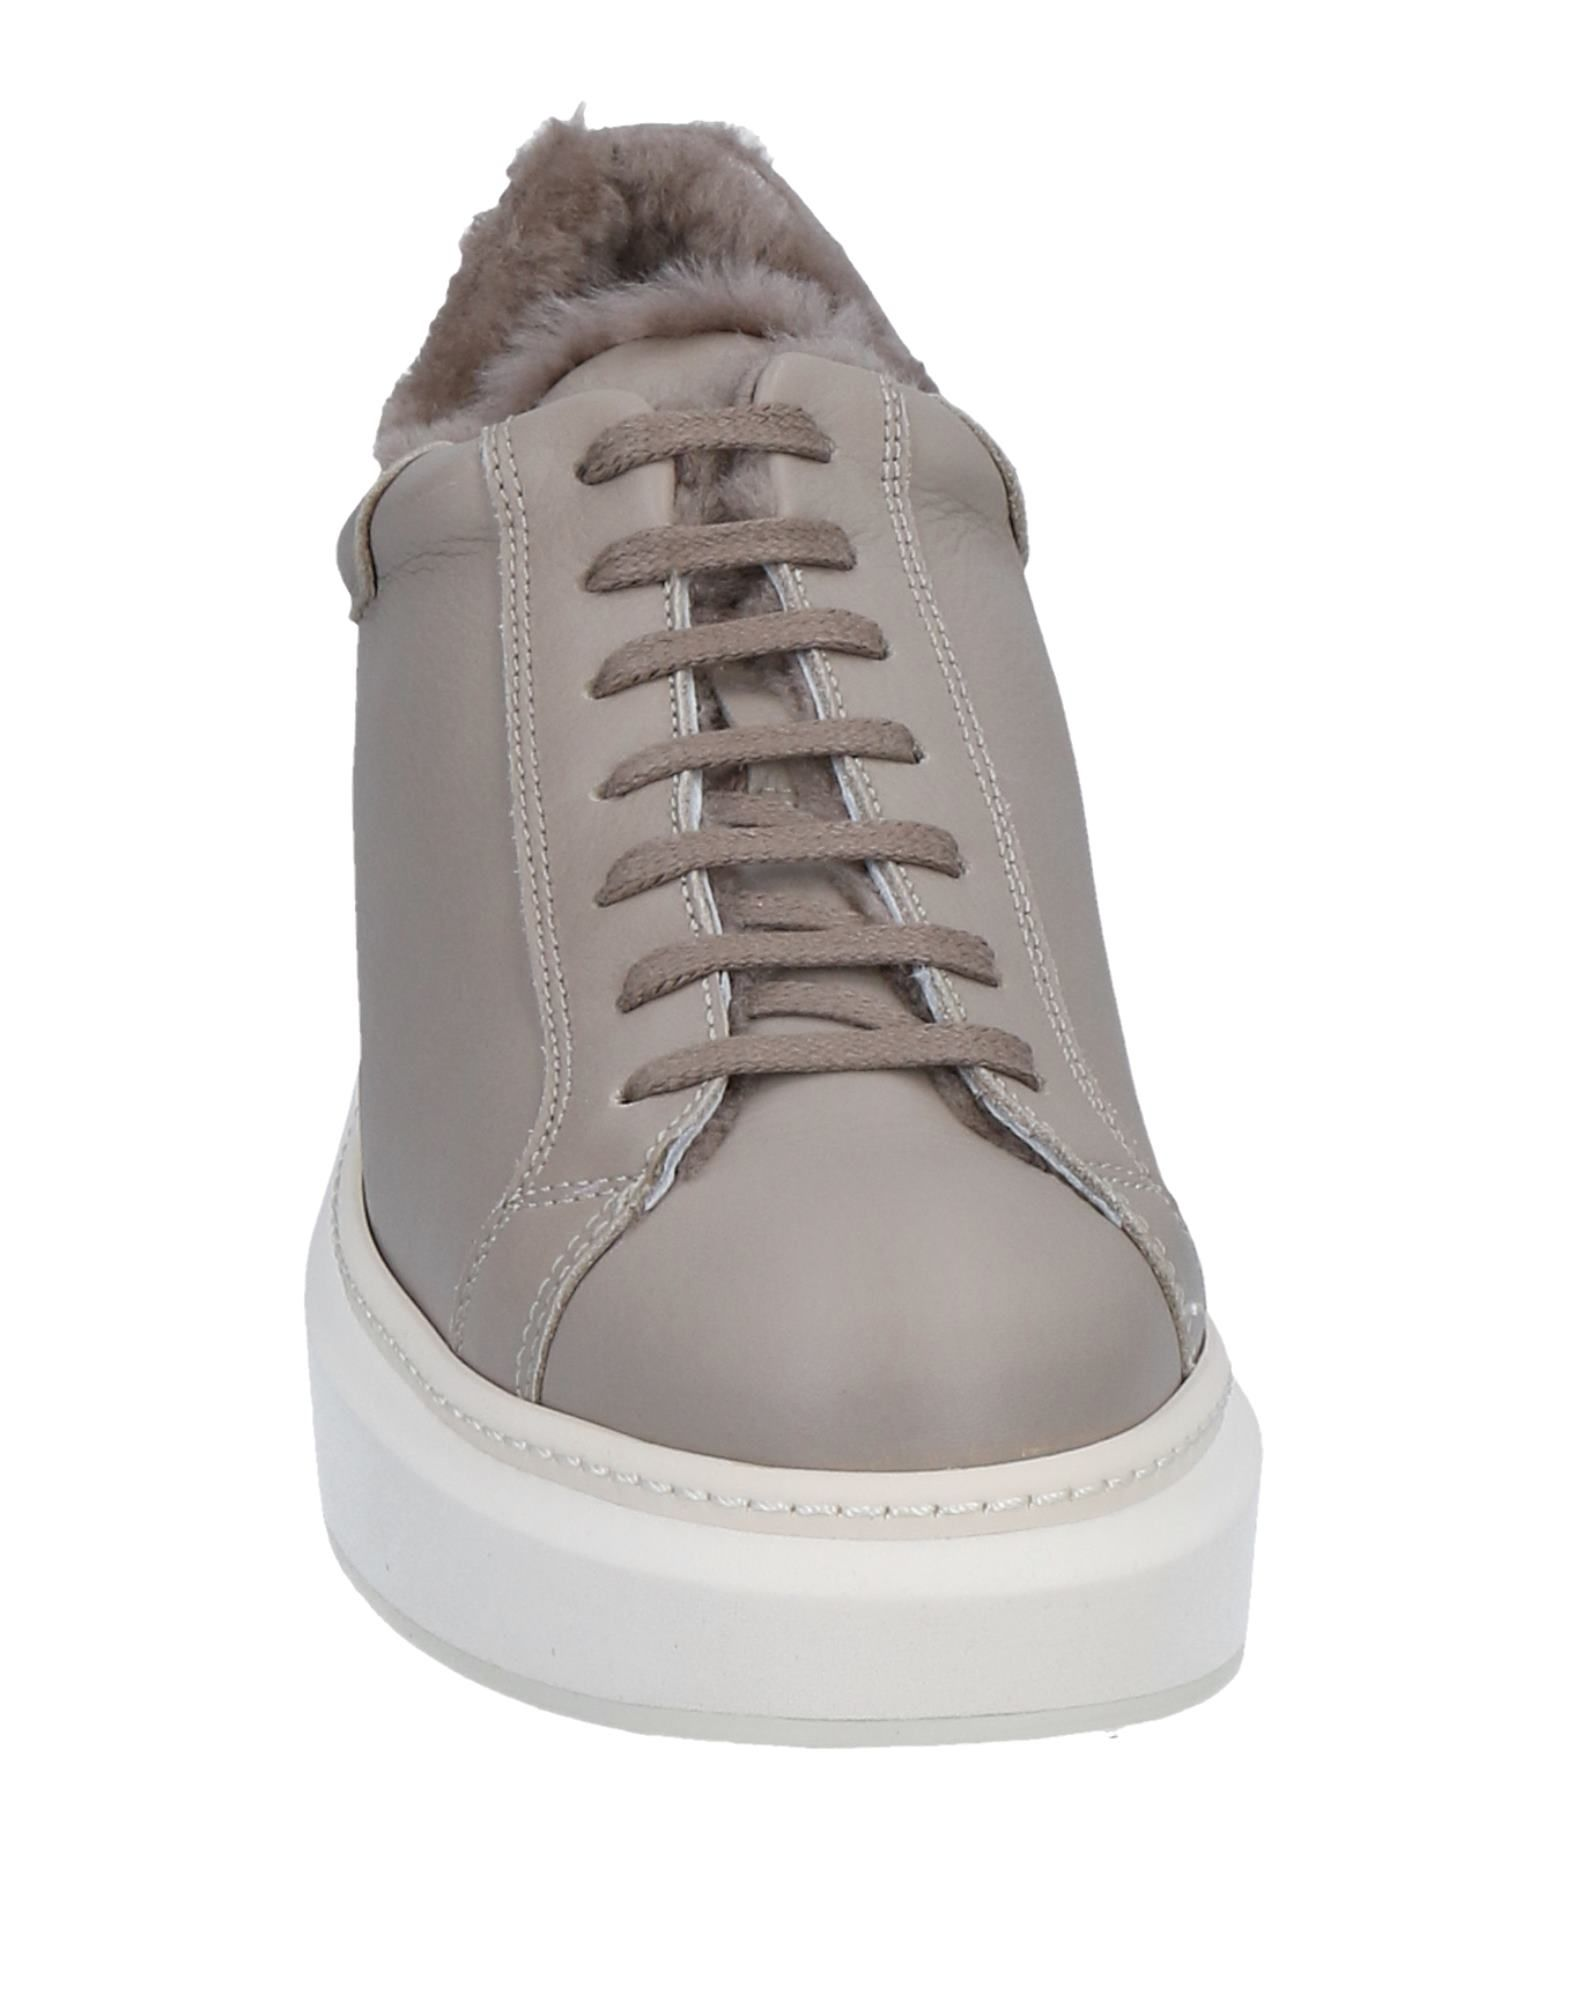 Stilvolle billige Damen Schuhe Manuel Barceló Sneakers Damen billige  11511642KN 7cf0f0